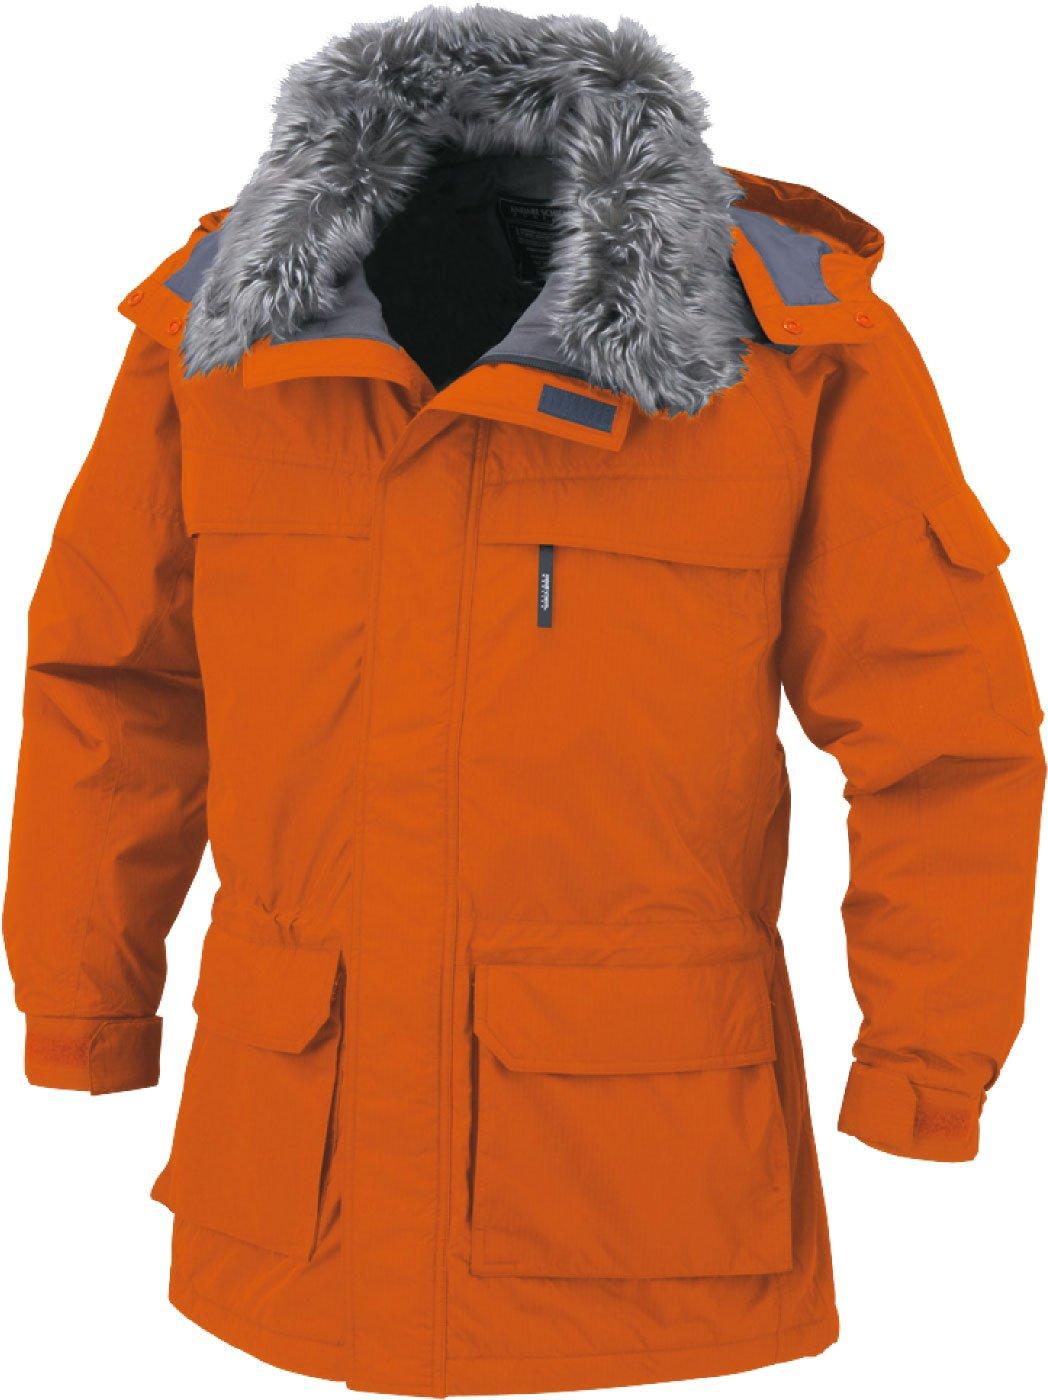 コーコス(CO-COS) 防寒コート 防寒ジャンパー 発熱保温 cc-a11406 B01MAY03SI LL|ウォームオレンジ ウォームオレンジ LL